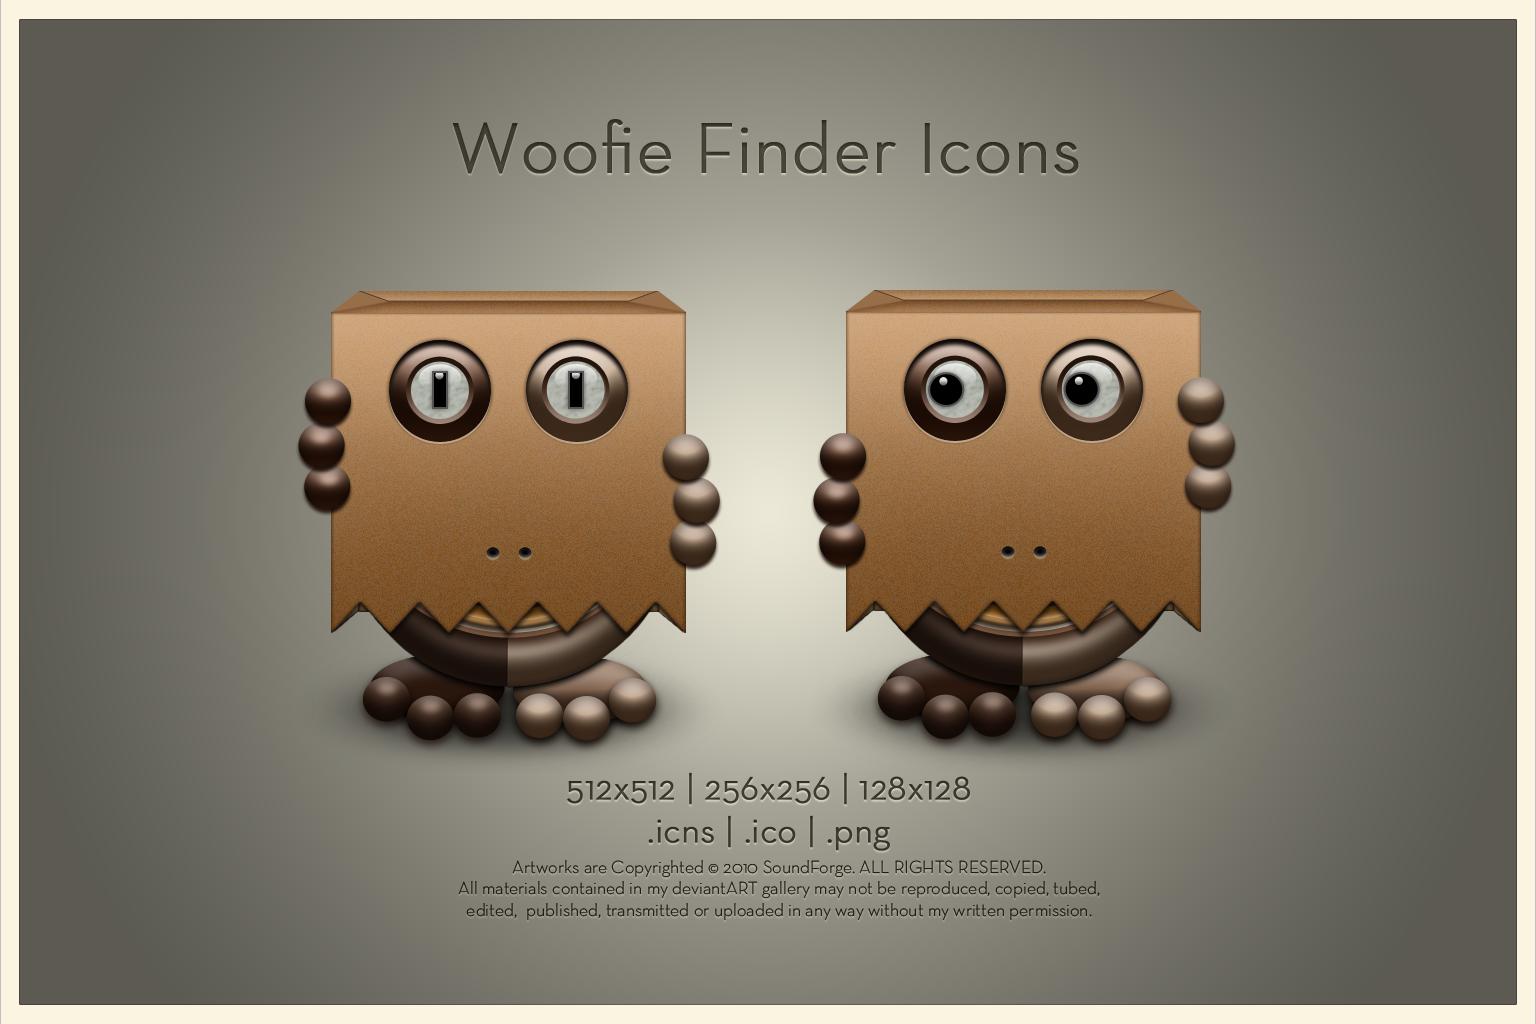 Woofie Finder Icon by SoundForge